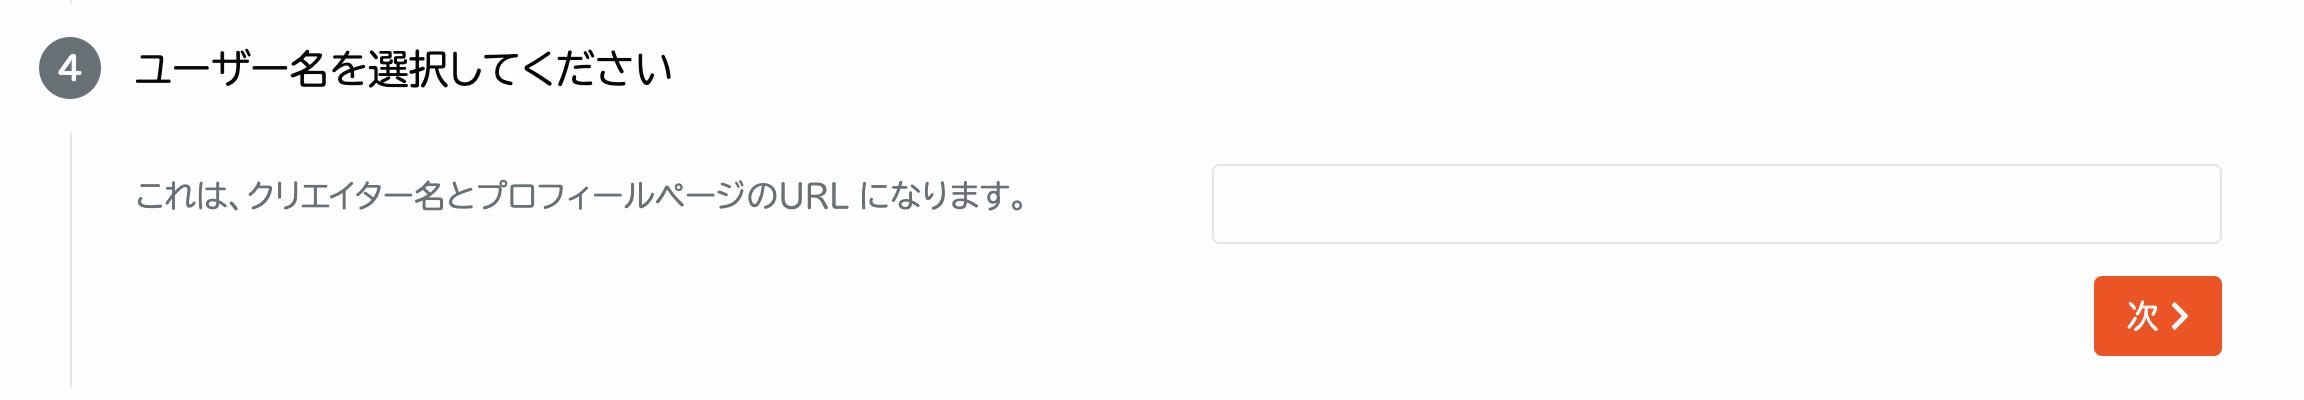 ユーザー名入力